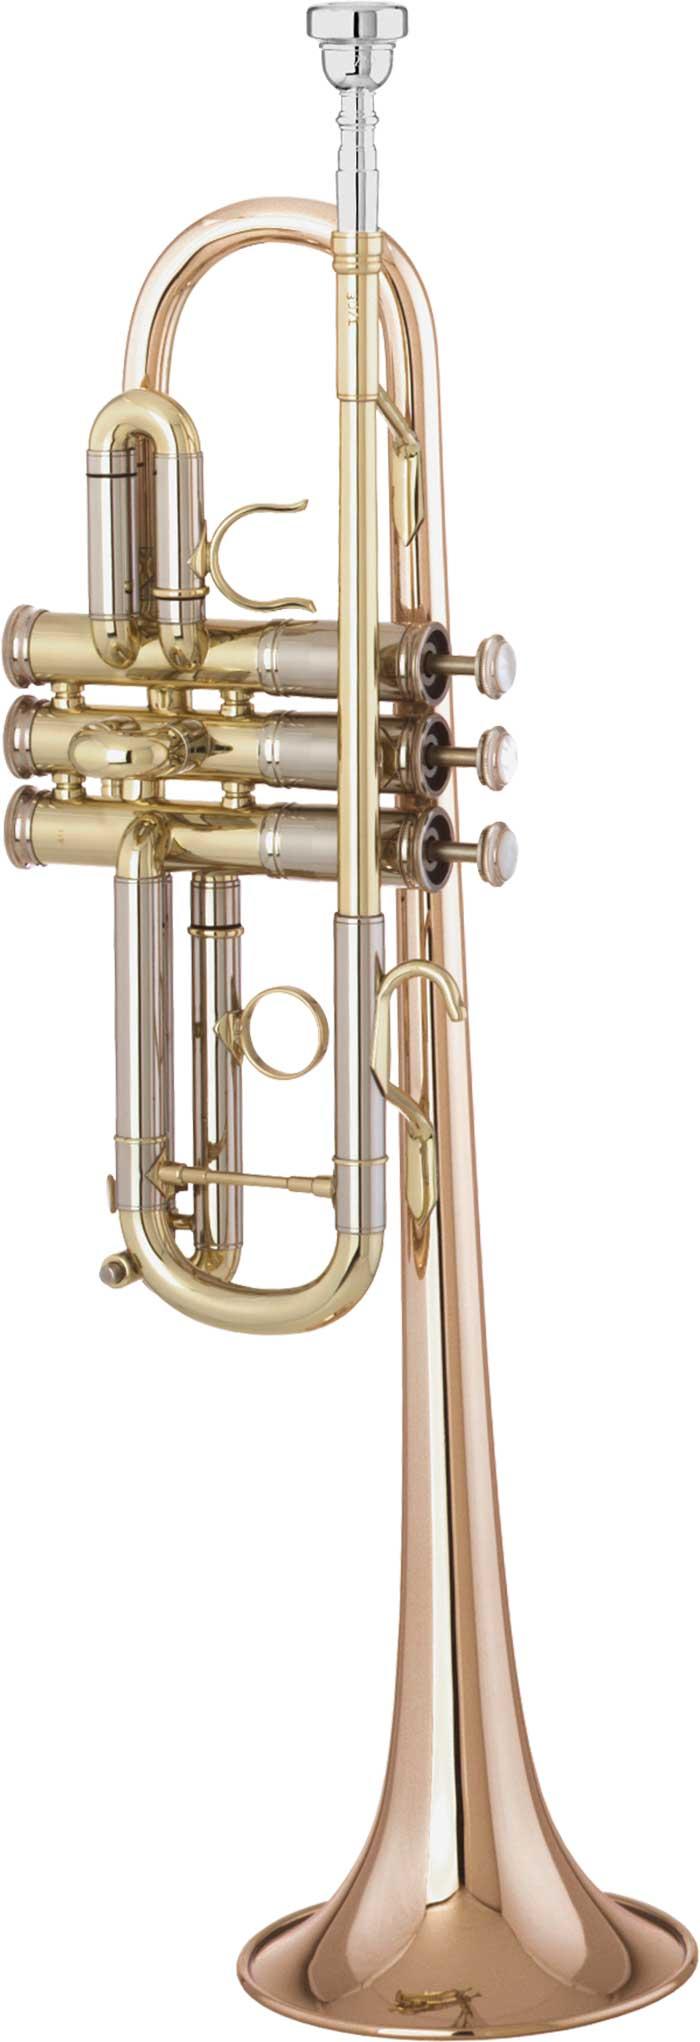 Getzen 3071 C Trumpet